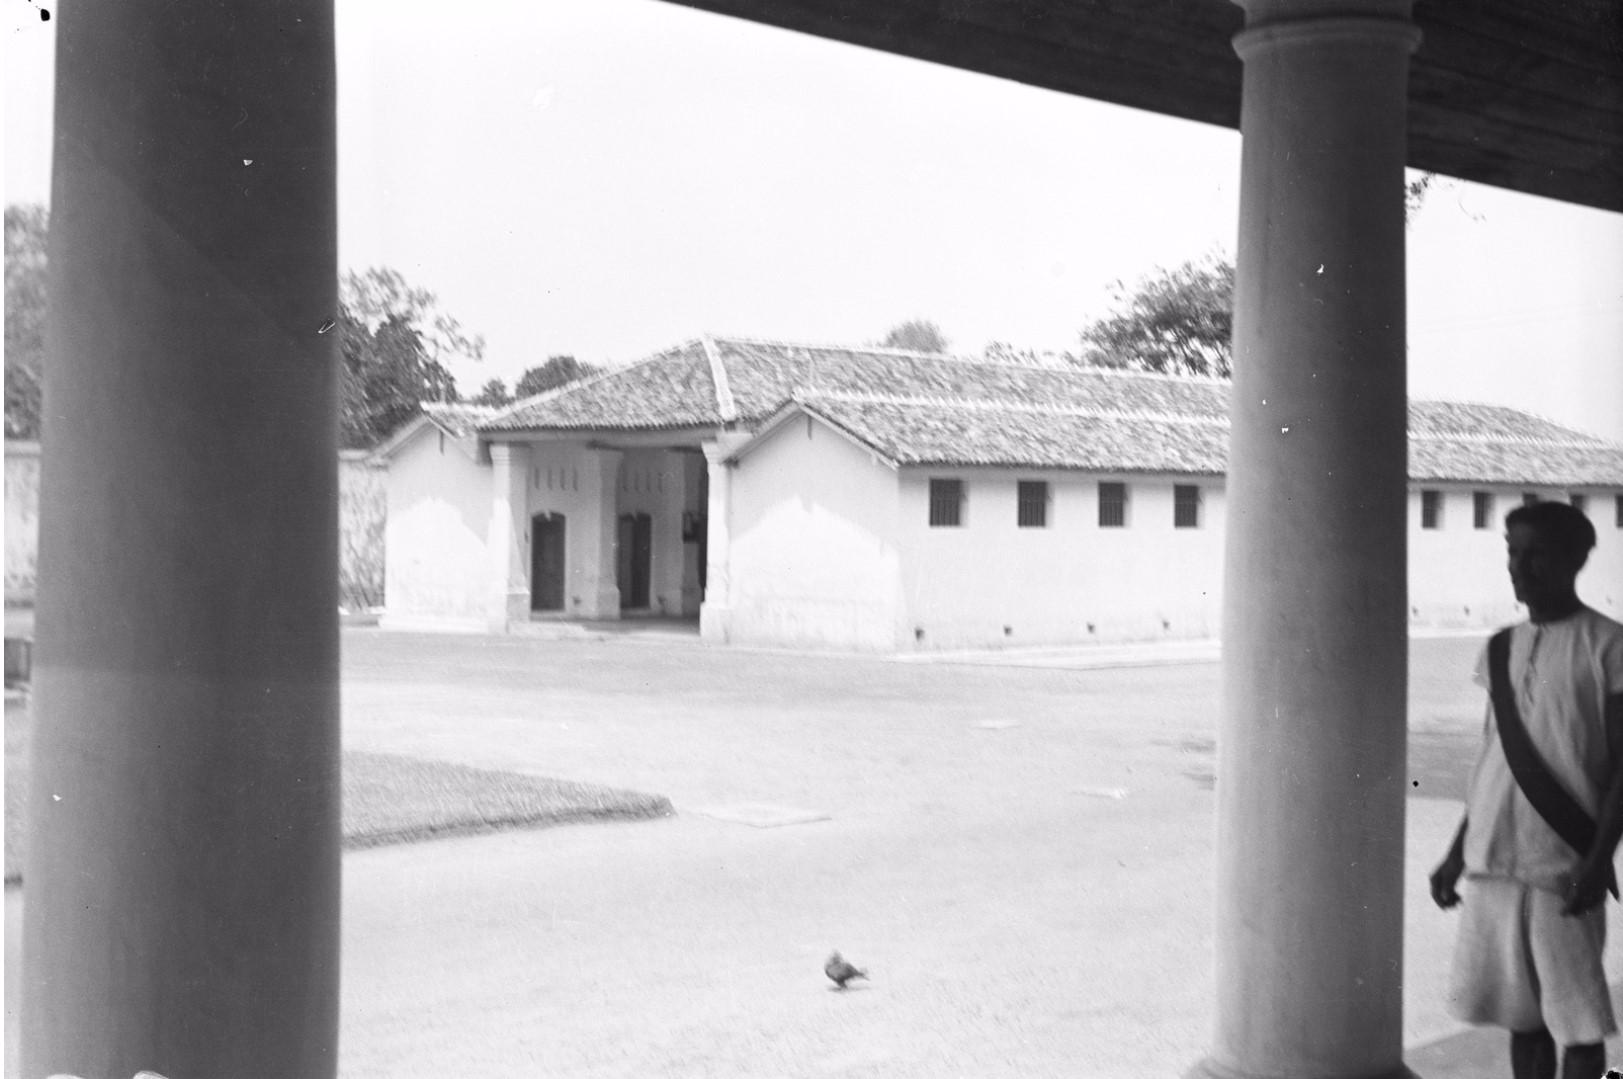 243. Мастерская тюрьмы в Коломбо